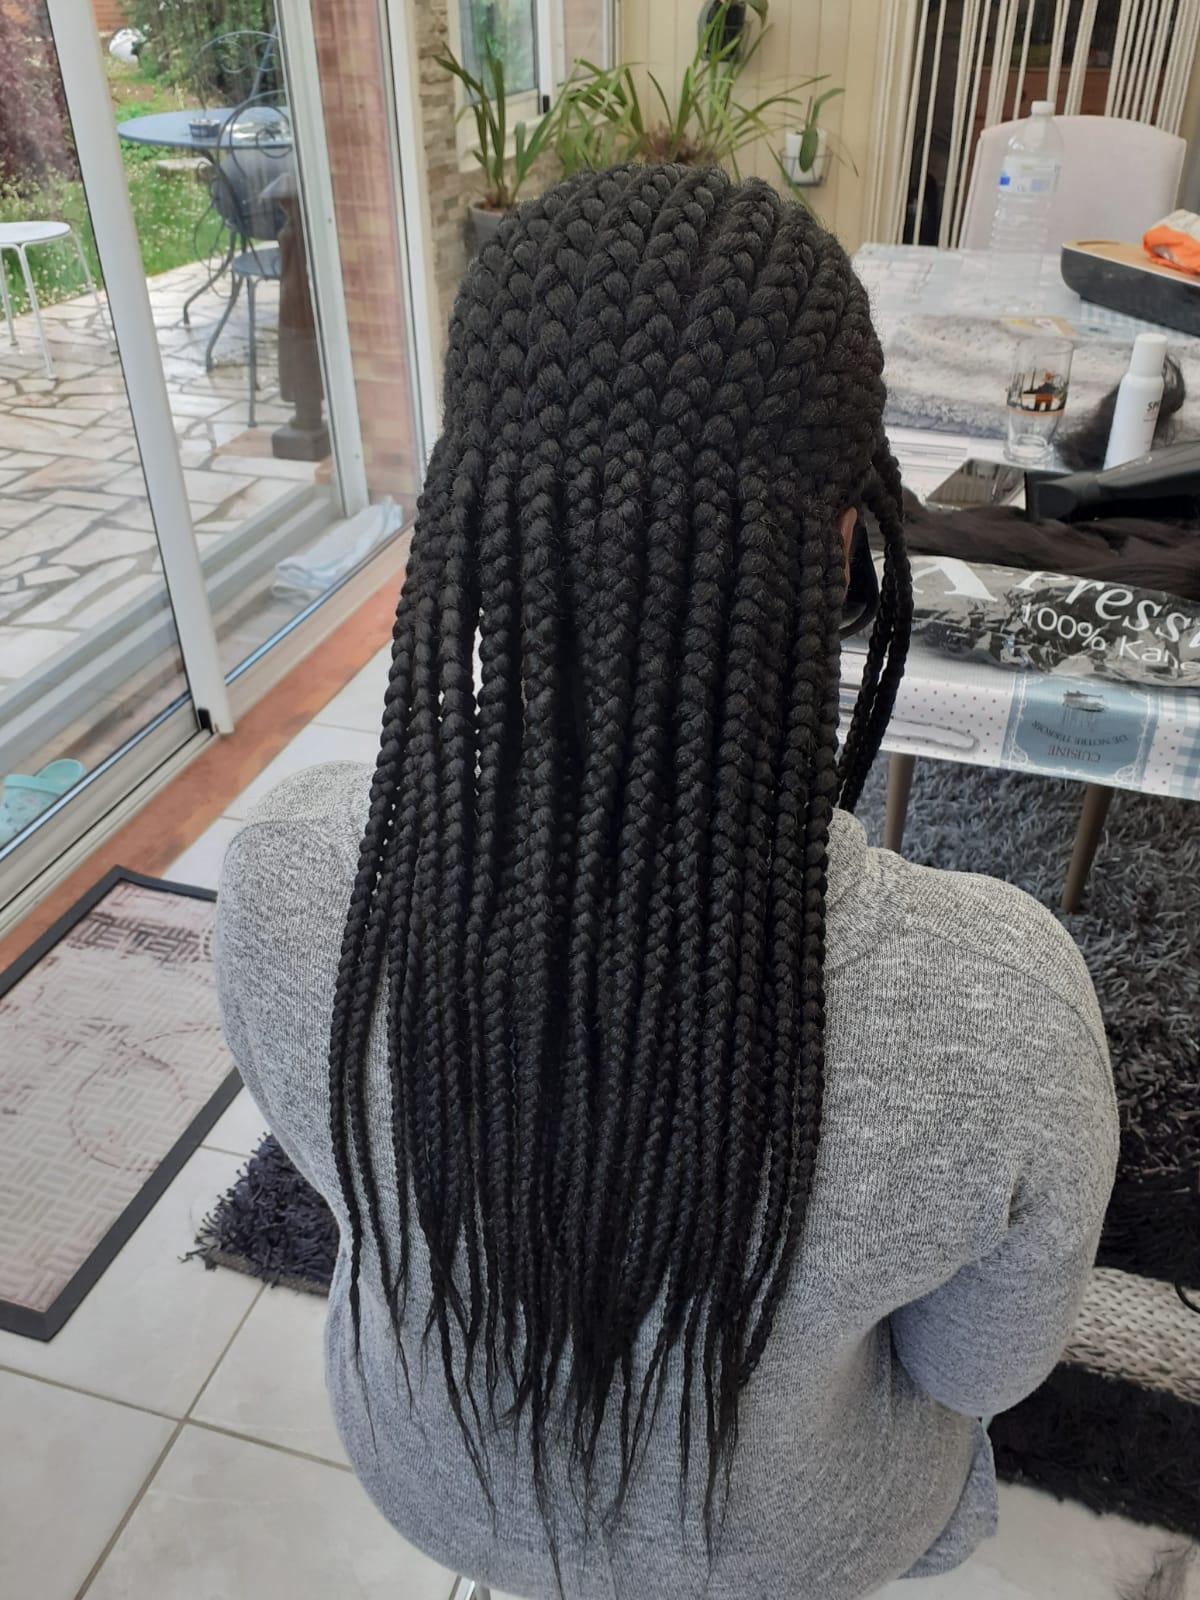 salon de coiffure afro tresse tresses box braids crochet braids vanilles tissages paris 75 77 78 91 92 93 94 95 EBVIWQWF